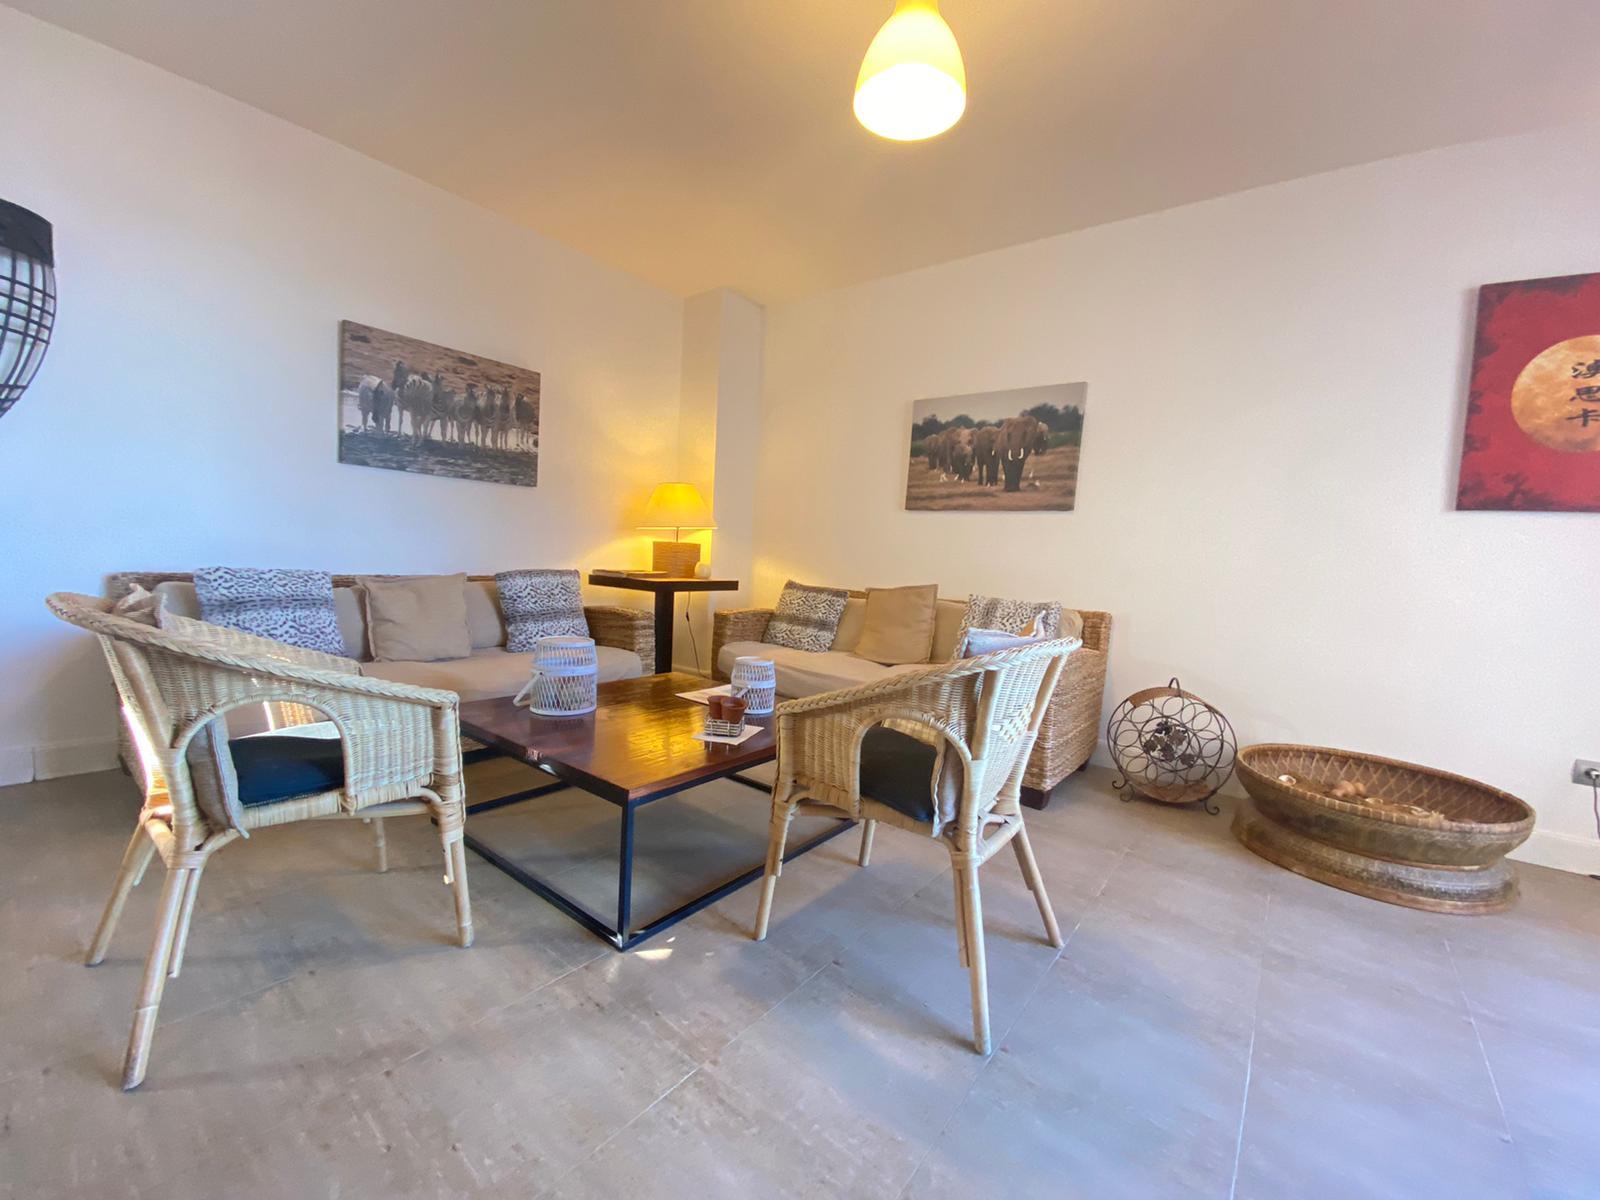 Imagen 13 del Apartamento Turístico, Ático 6 Levante (3d+2b), Punta del Moral (HUELVA), Paseo de la Cruz nº22